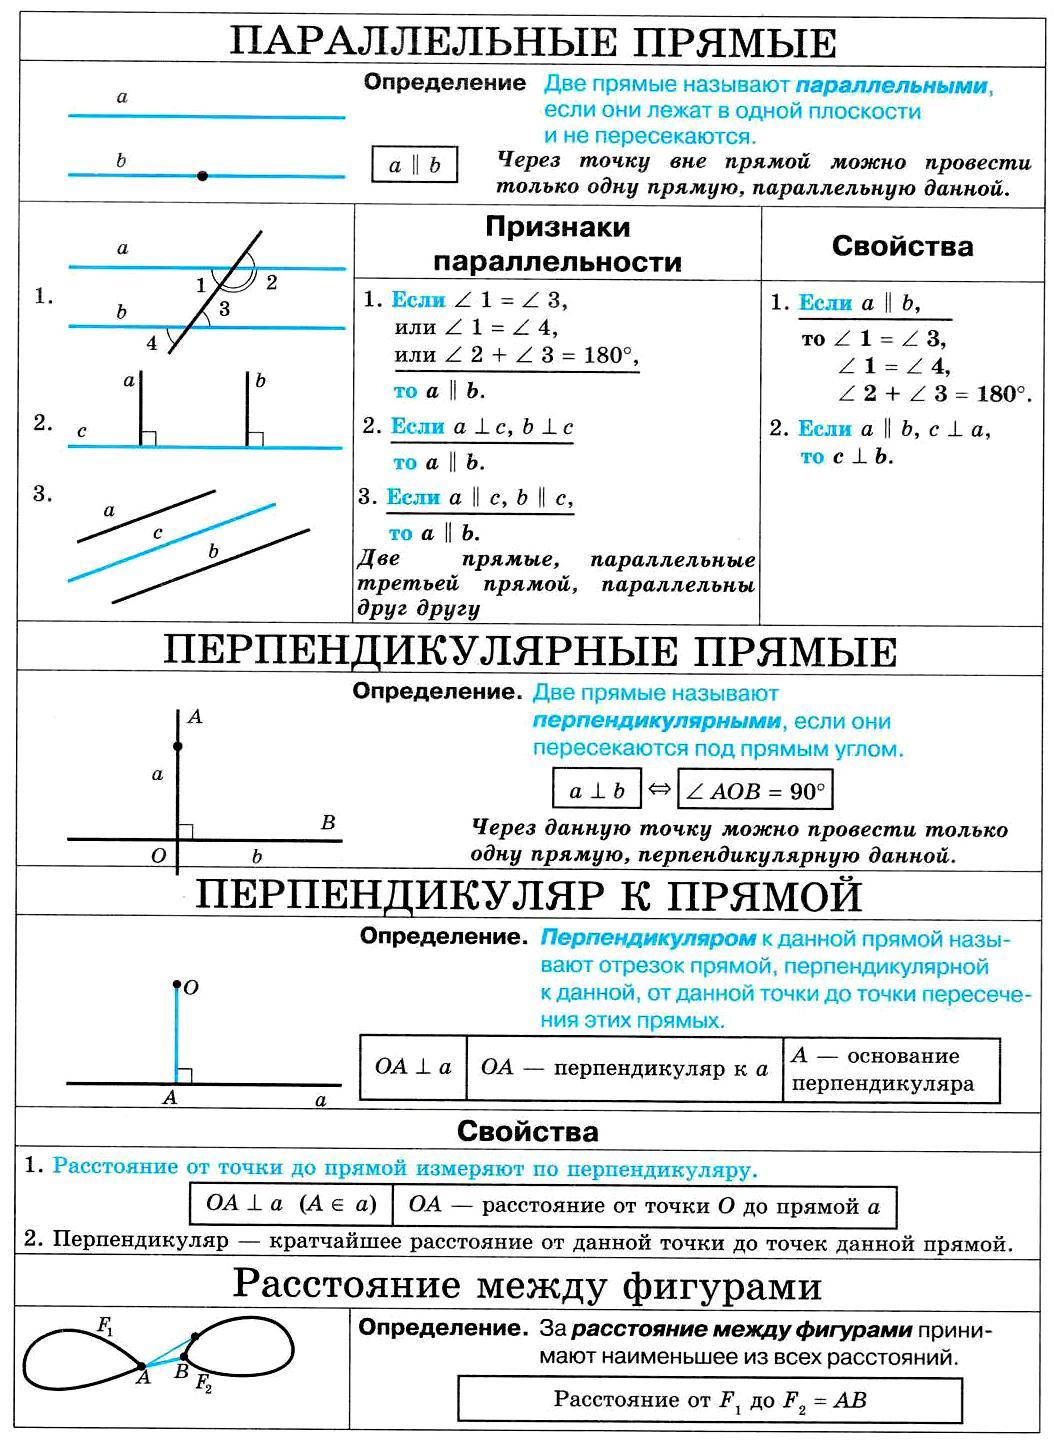 03. Параллельные прямые. Перпендикулярные прямые. Перпендикуляр к прямой